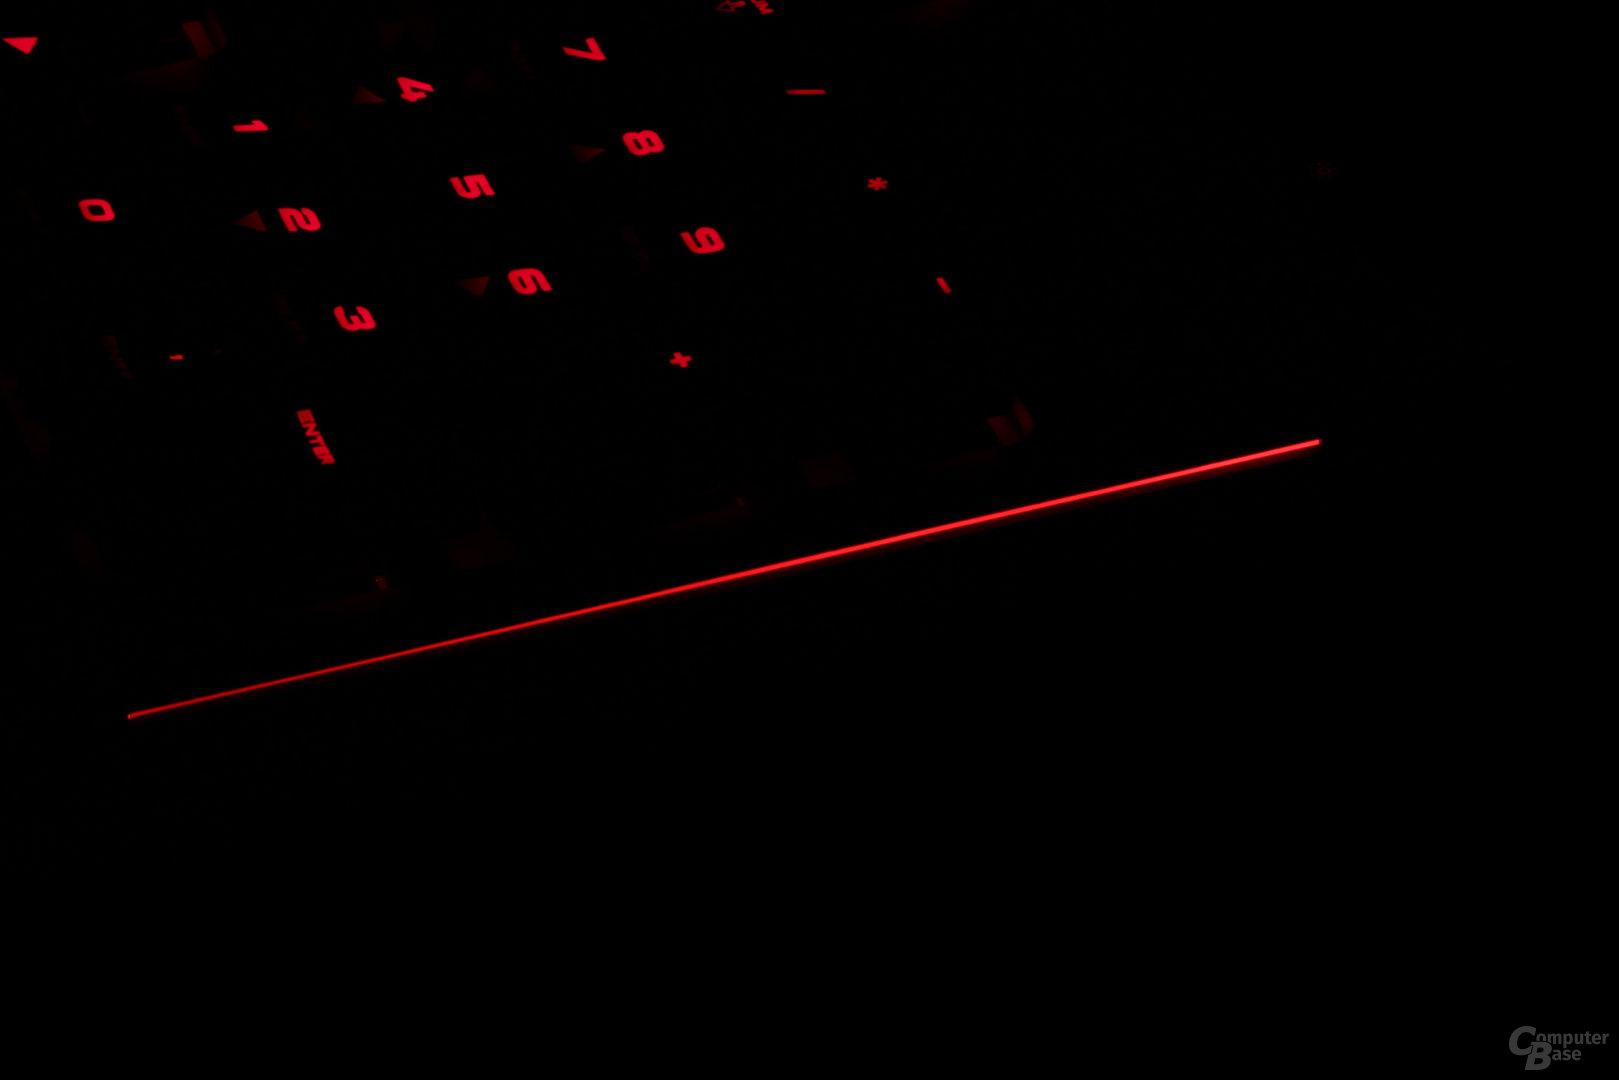 Die Strafe (RGB) besitzt beleuchte Zierstreifen